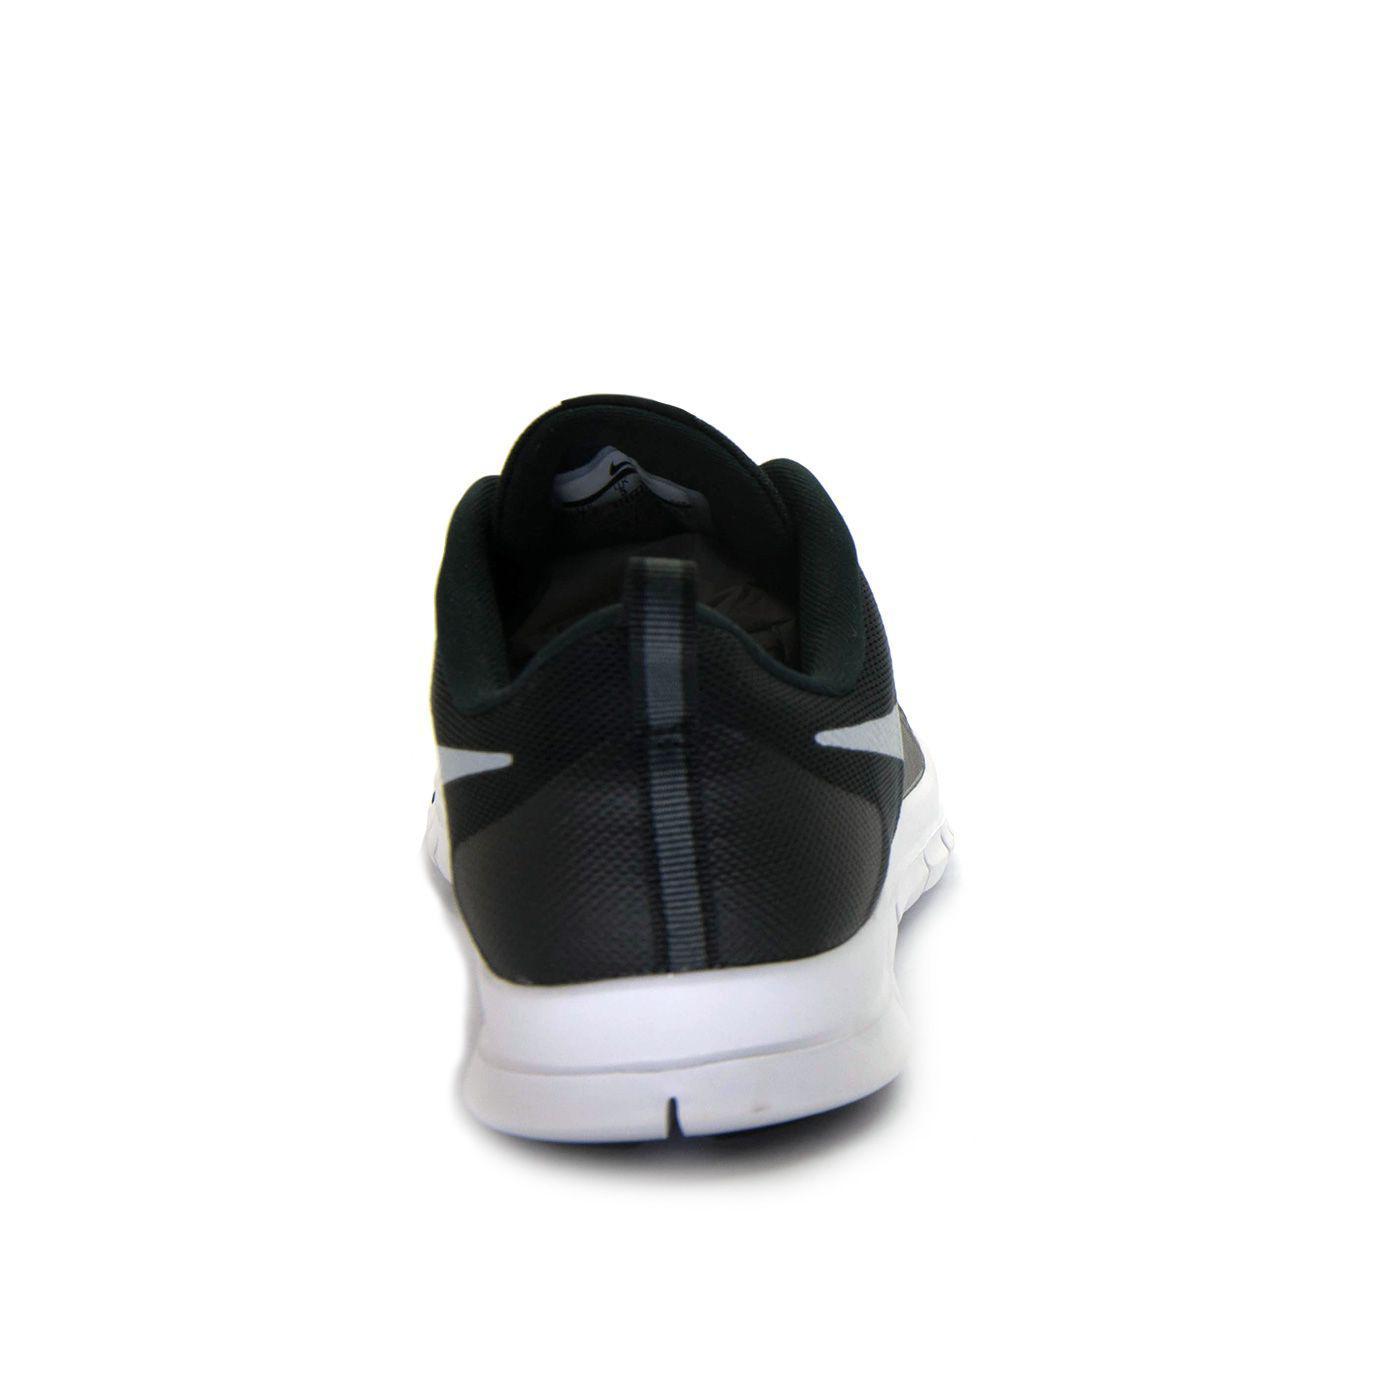 Nike Wmns Flex Essential Tr 924344 001